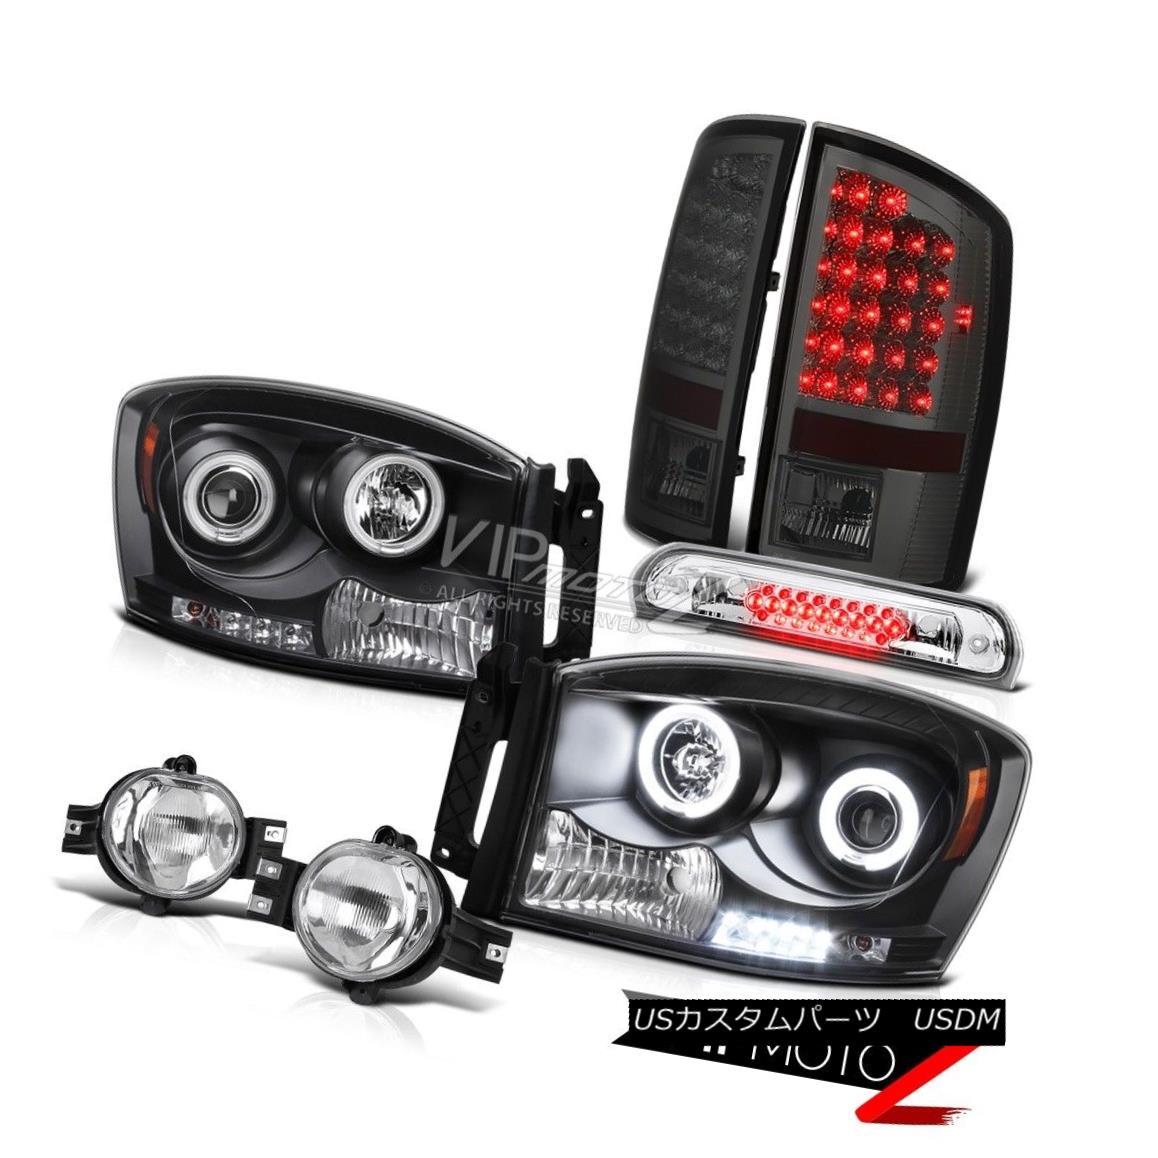 激安超安値 ヘッドライト Ram 2006 Dodge Ram Fog SRT-10 Fluorescence Halo Headlight Brake LED Tail Light Fog Third Brake 2006ダッジラムSRT-10蛍光ハローヘッドライトLEDテールライトフォグサードブレーキ, I.C(アイシー)さくら:36007a3e --- online-cv.site